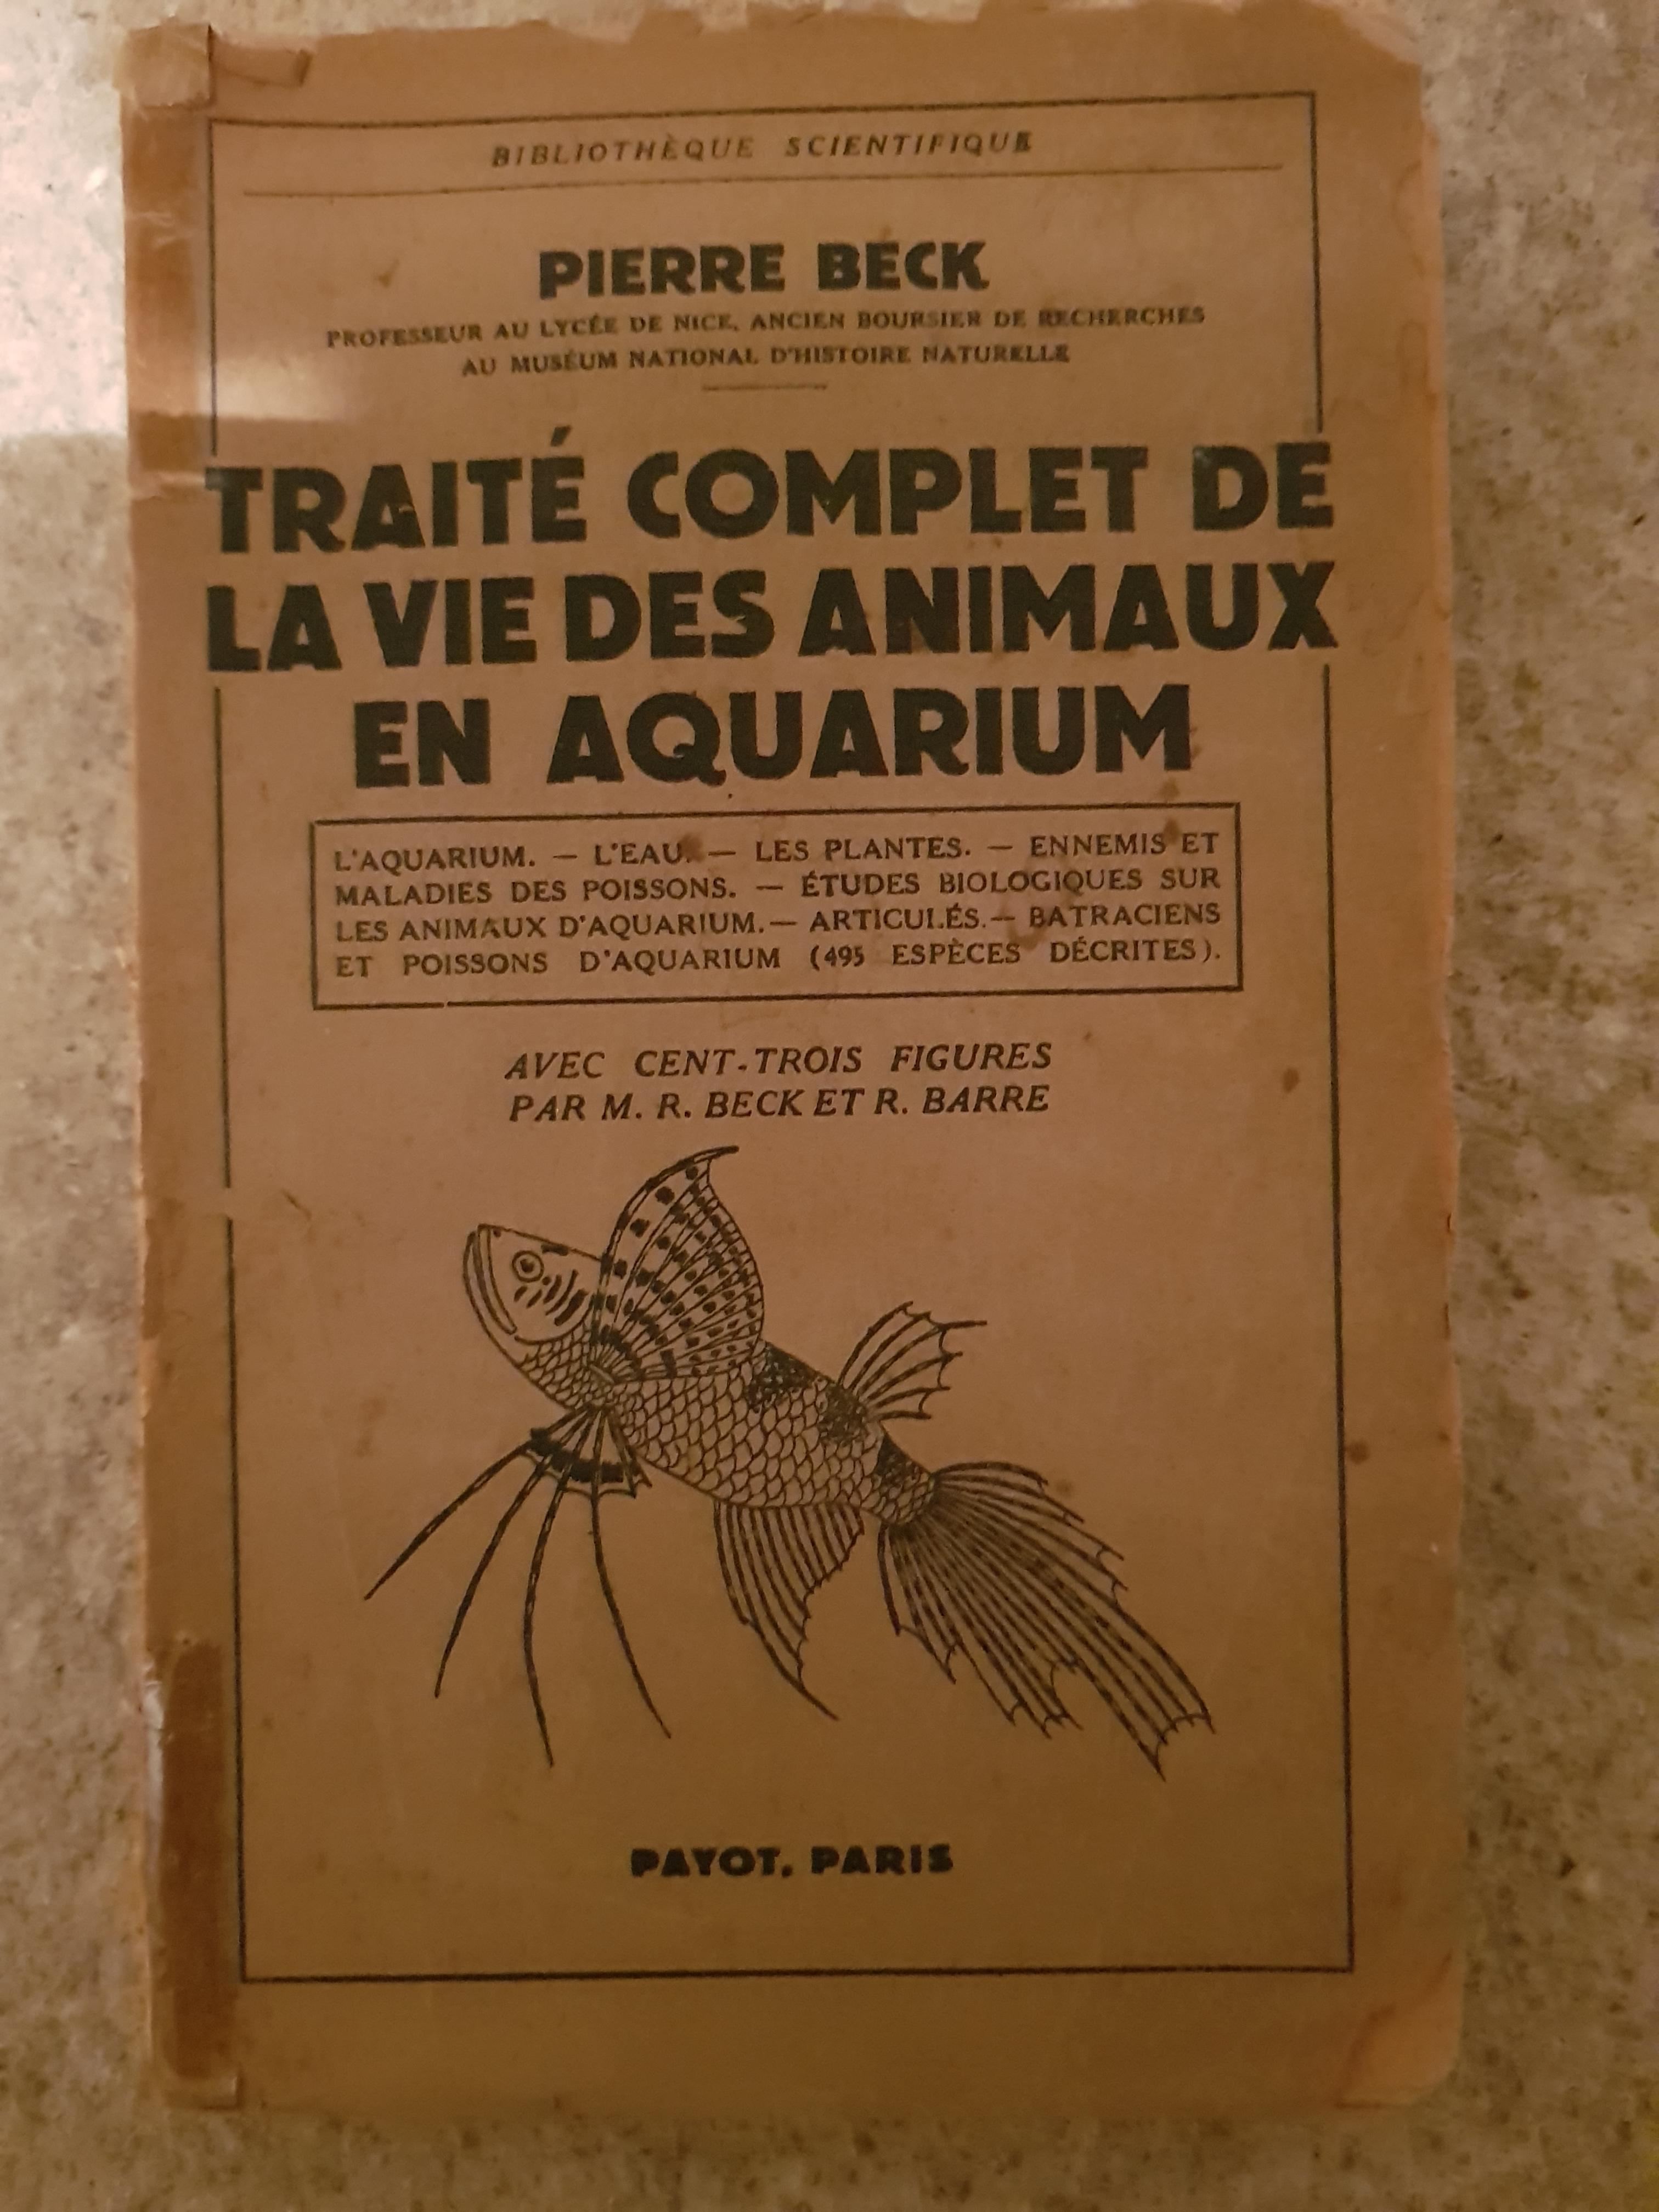 troc de troc livre sur les aquarium image 0